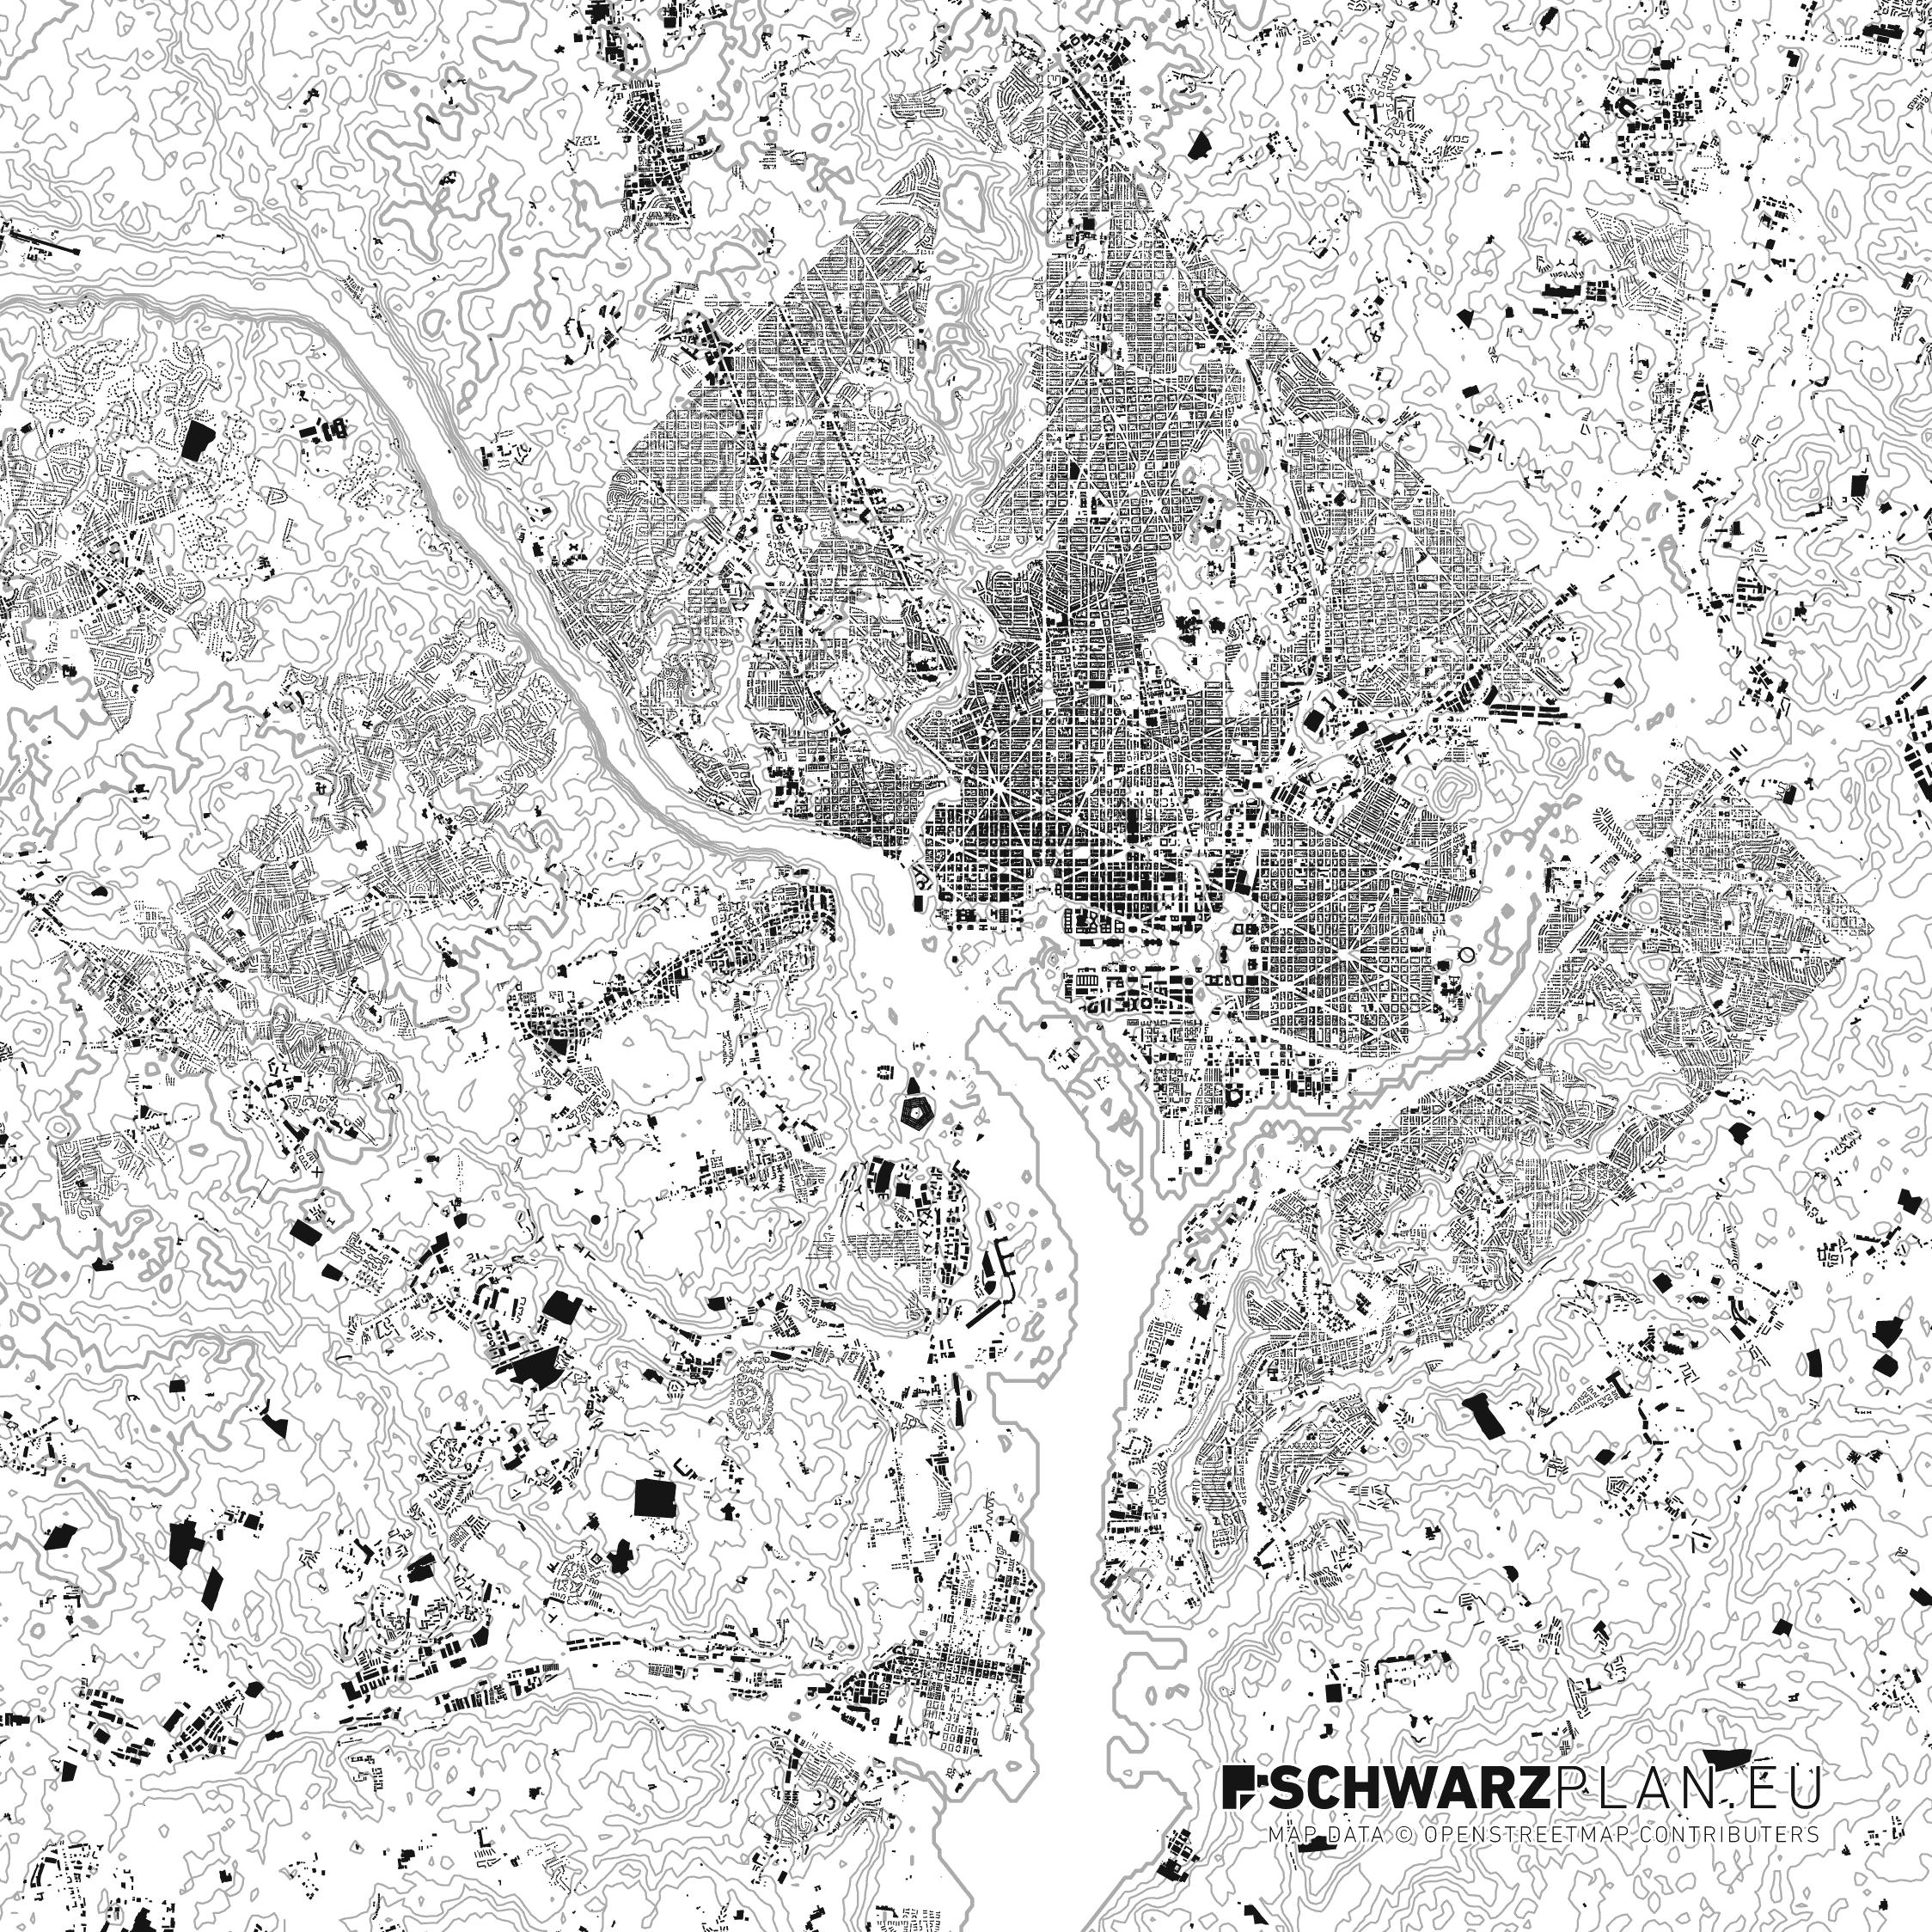 Schwarzplan von Washington